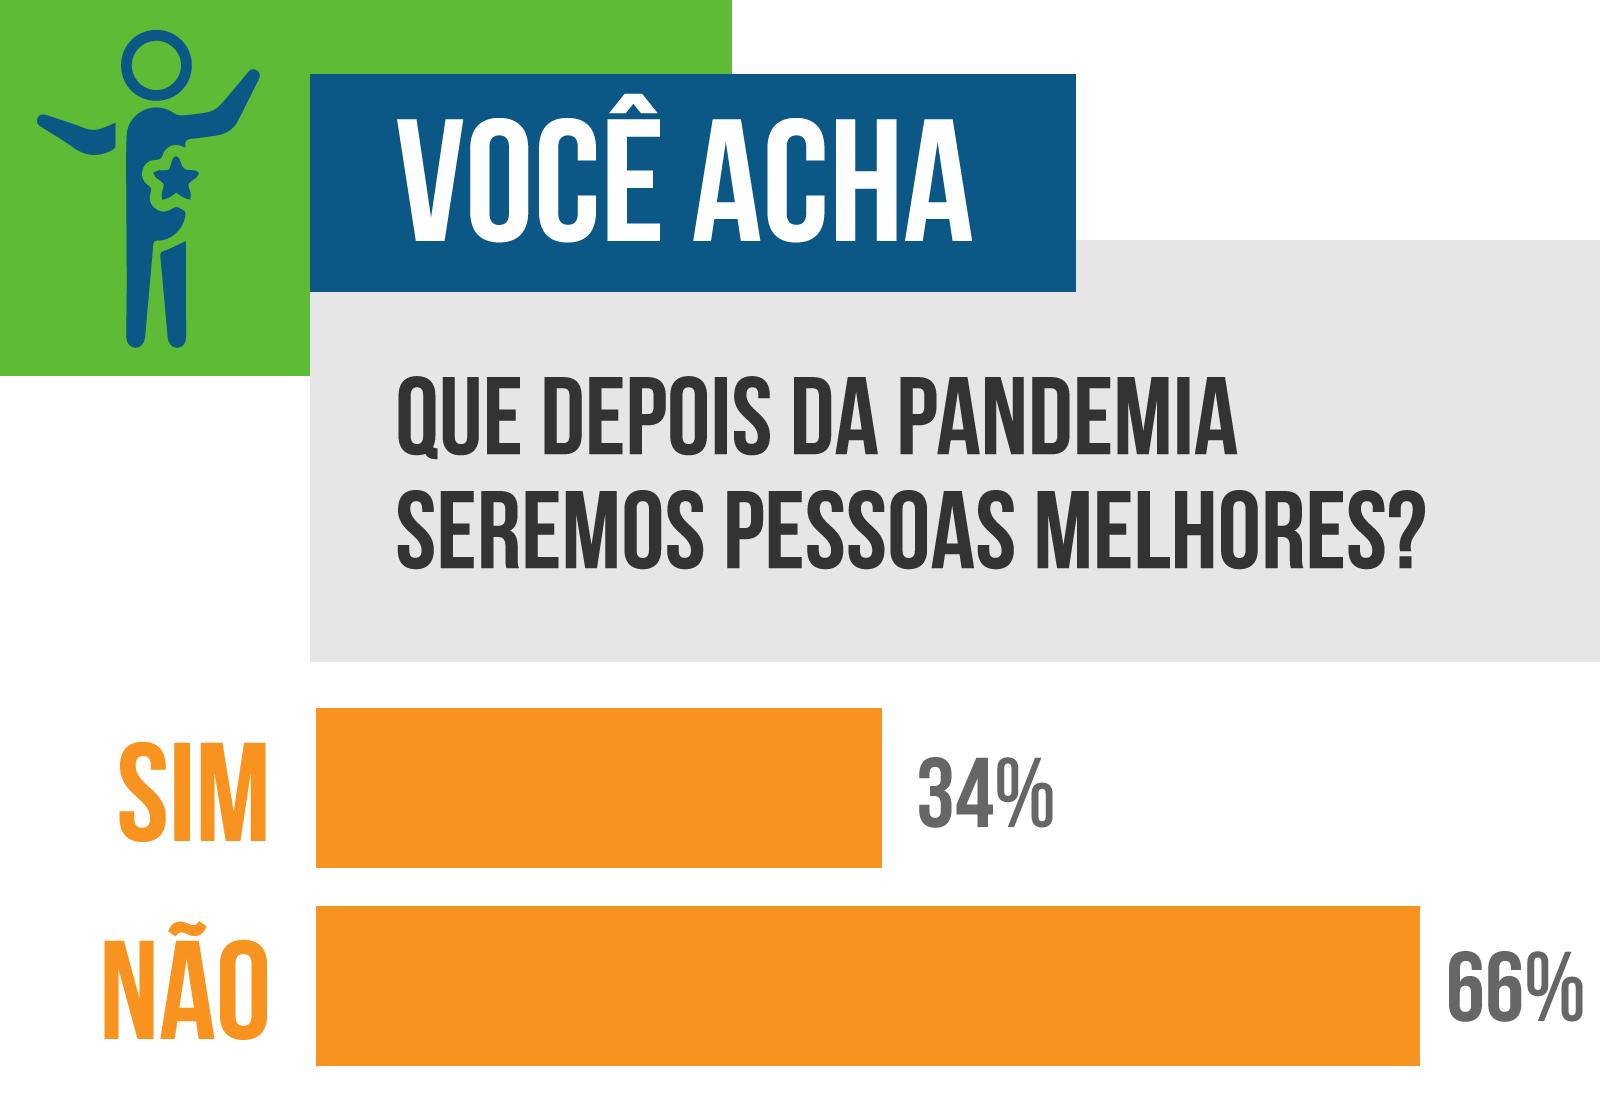 O resultado da enquete mostra que 66% votaram não ao questionamento.